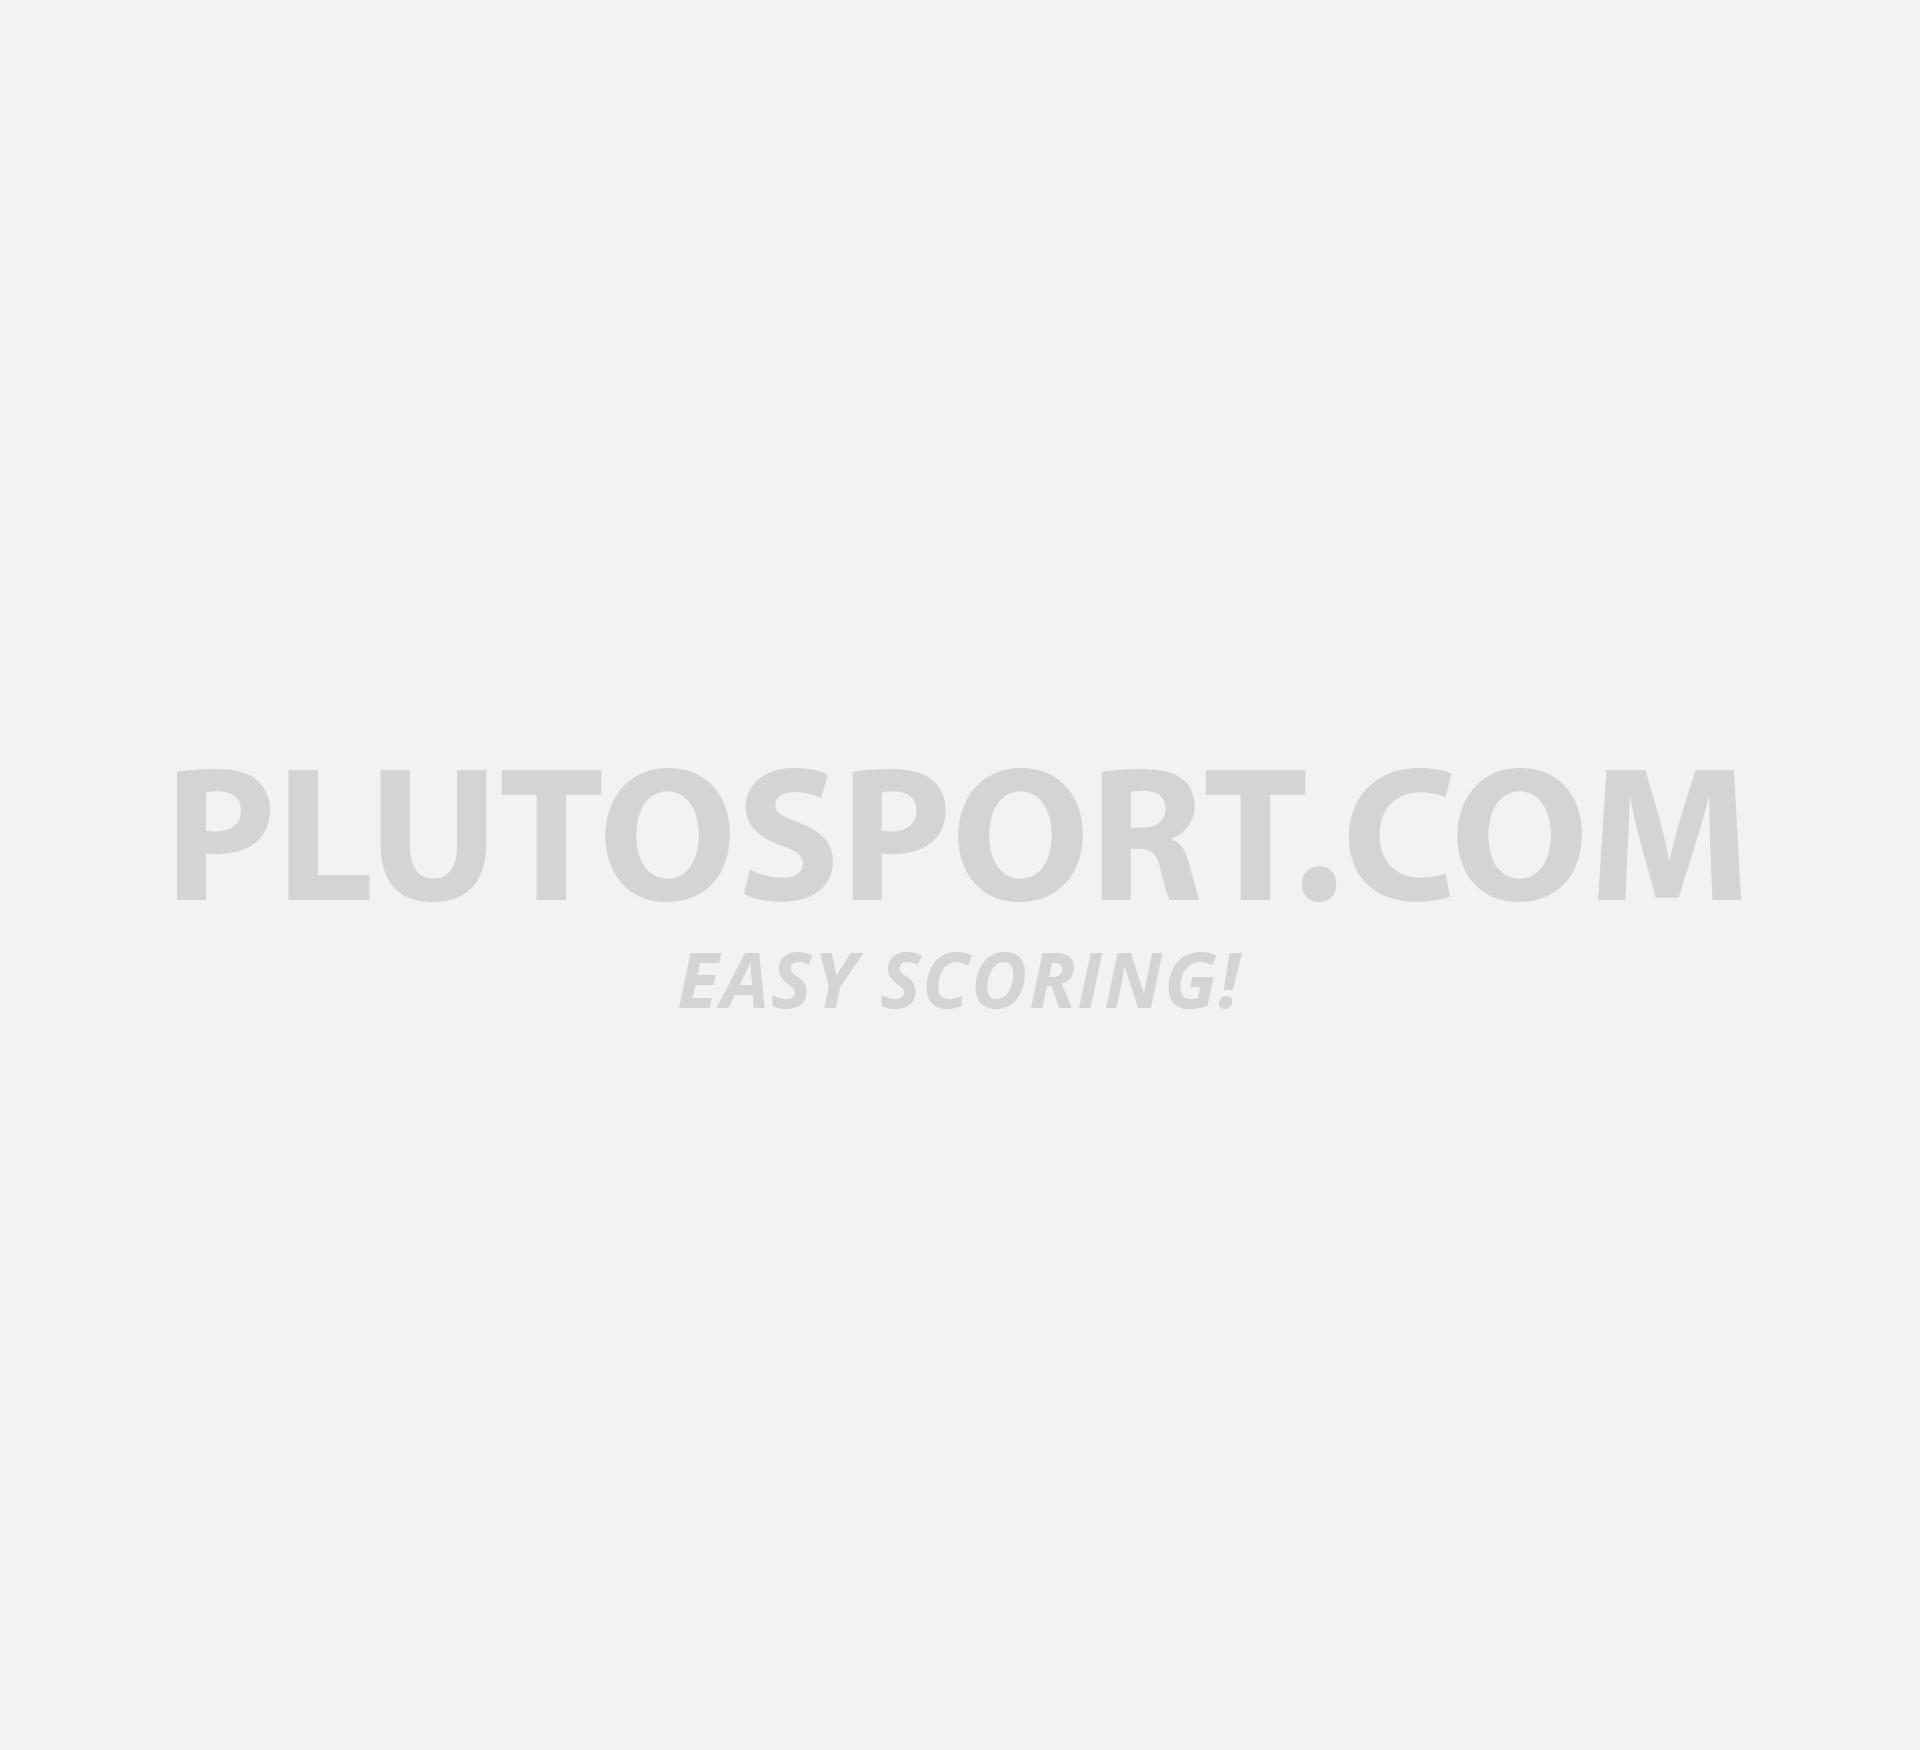 Pommeau de levier de vitesses voiture Aramox 5 vitesses Pommeau de levier de vitesses Manuelle Manette de levier de vitesses Manette de levier Styling Head Fit pour 307 301 206 207 408 308 Citroen